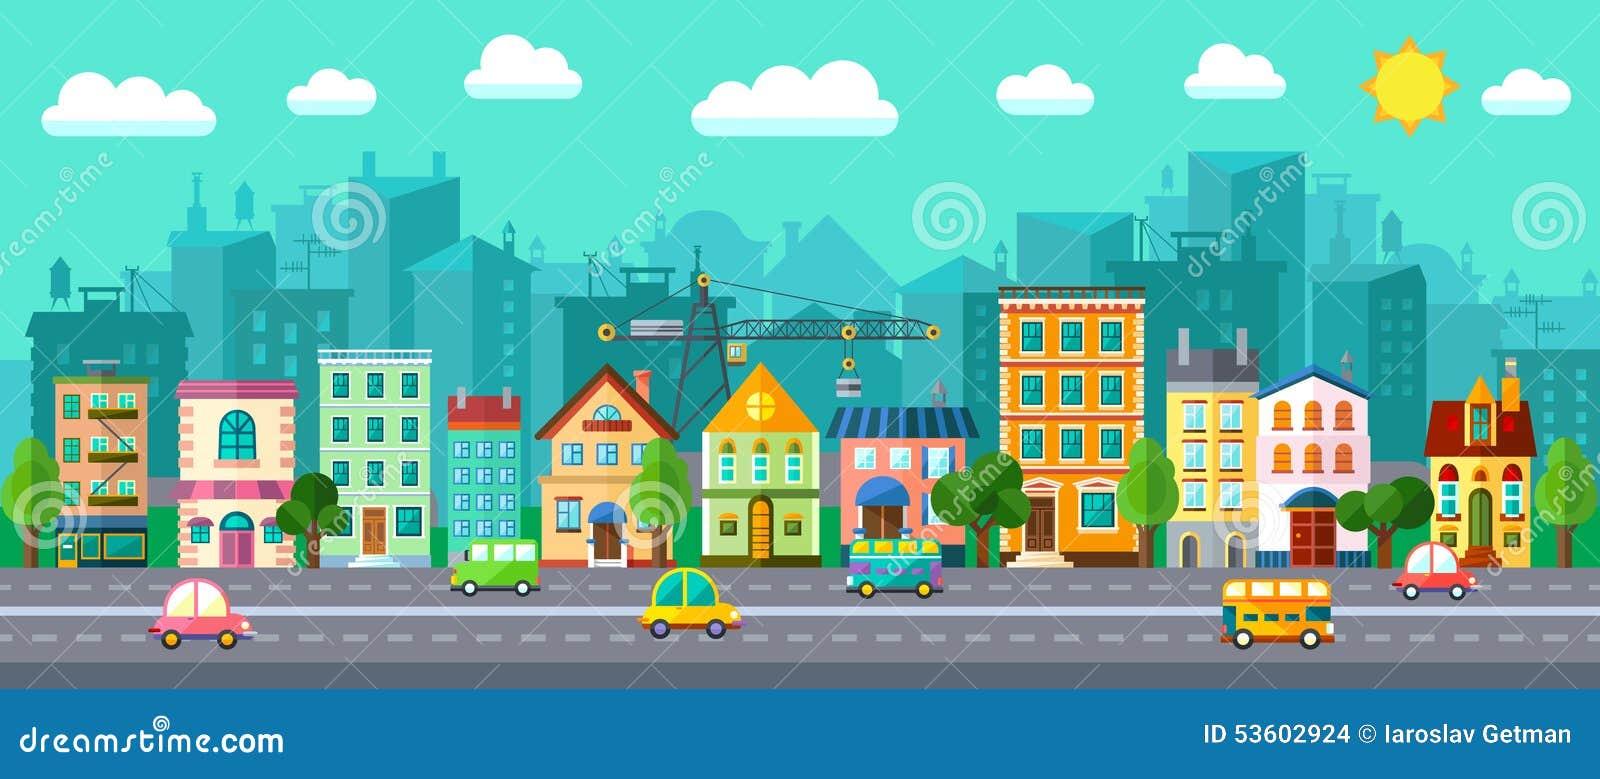 Rue de ville dans une conception plate